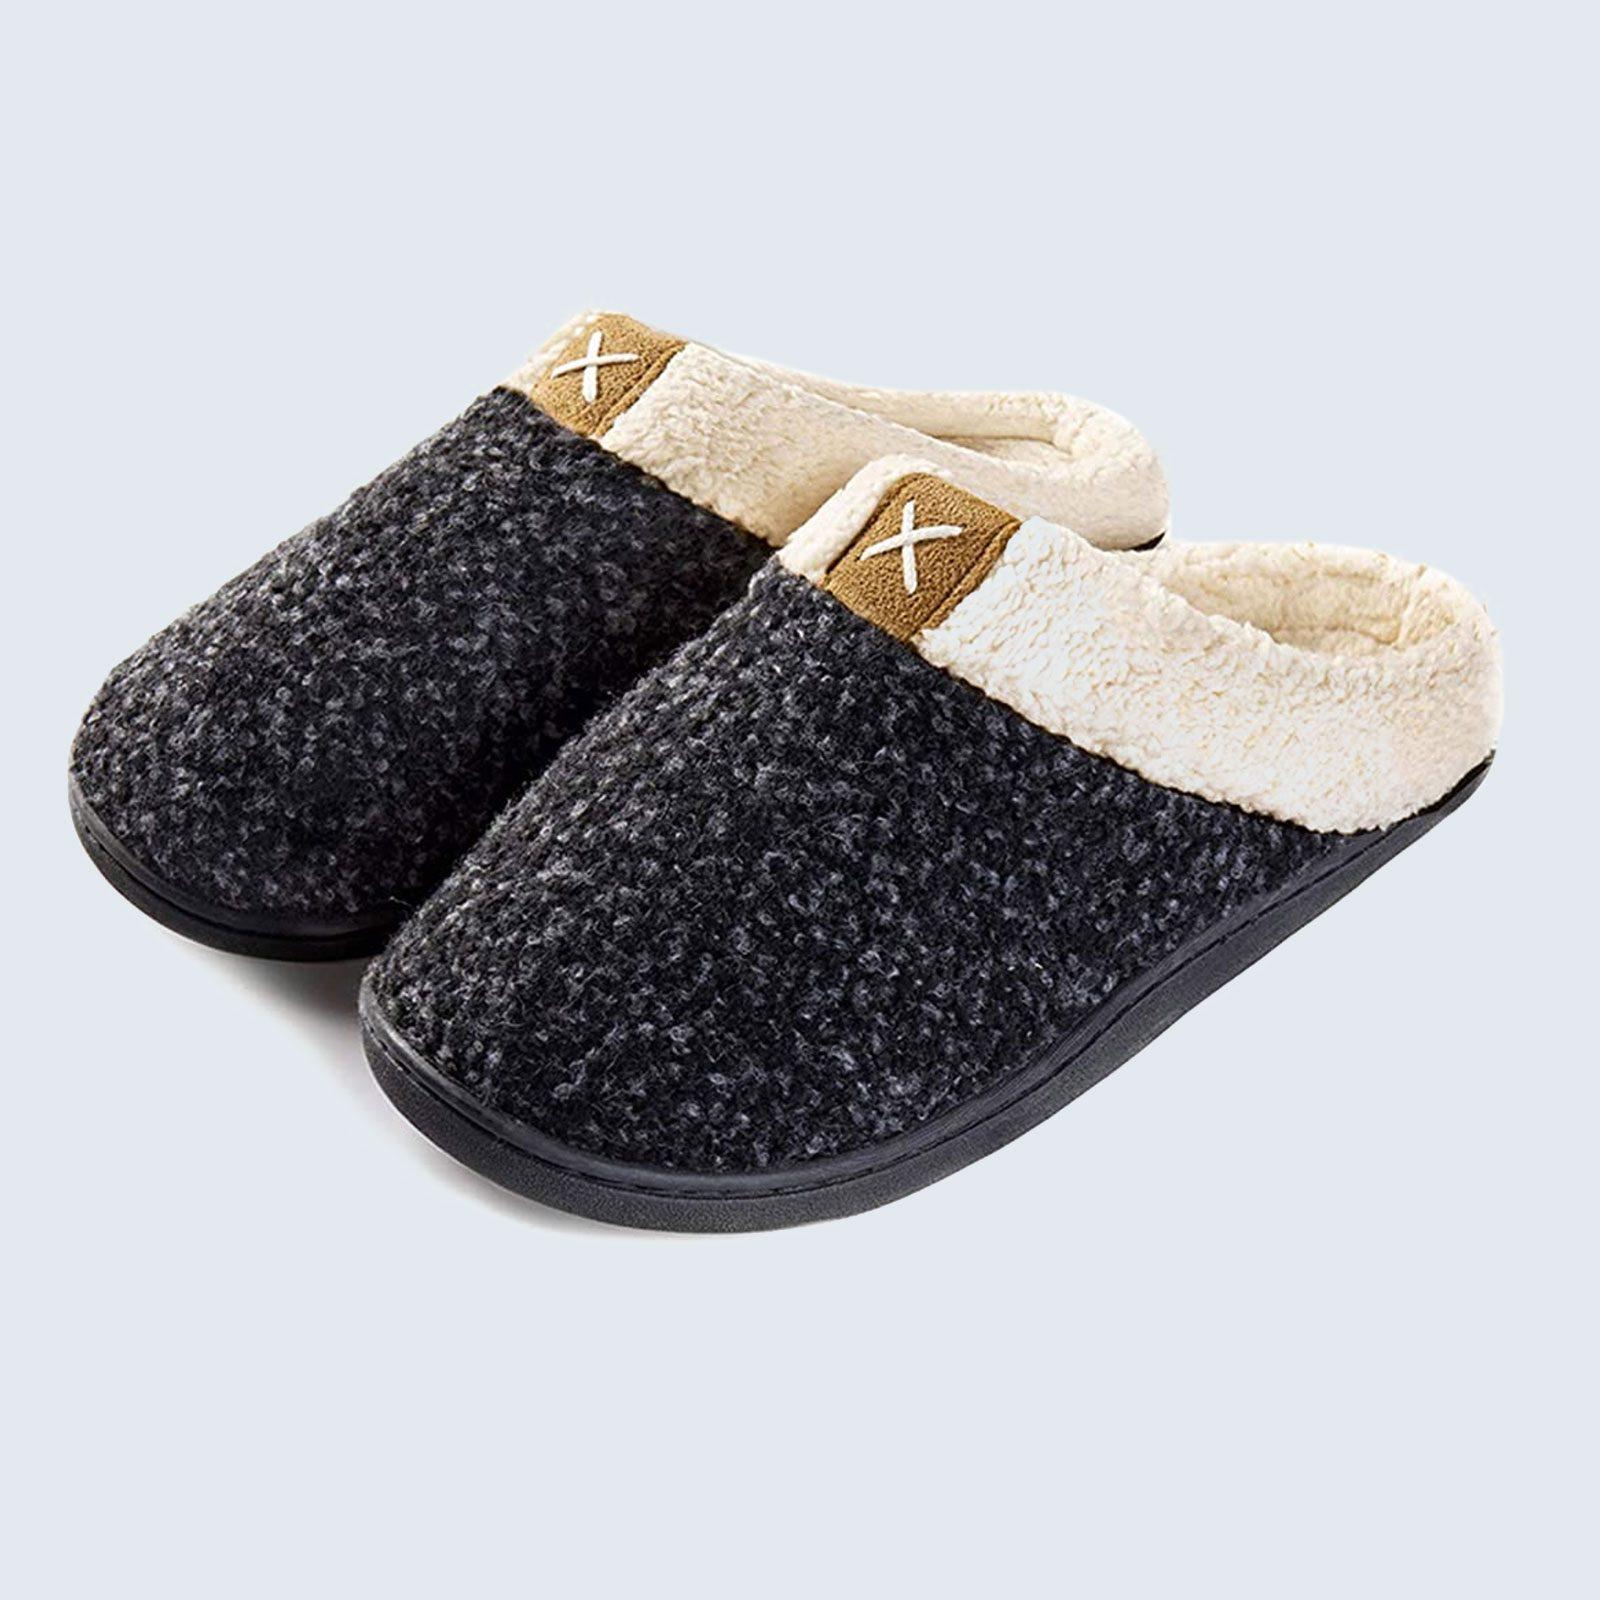 Best budget-friendly slippers: UltraIdeas Women's Cozy Memory Foam Slipper